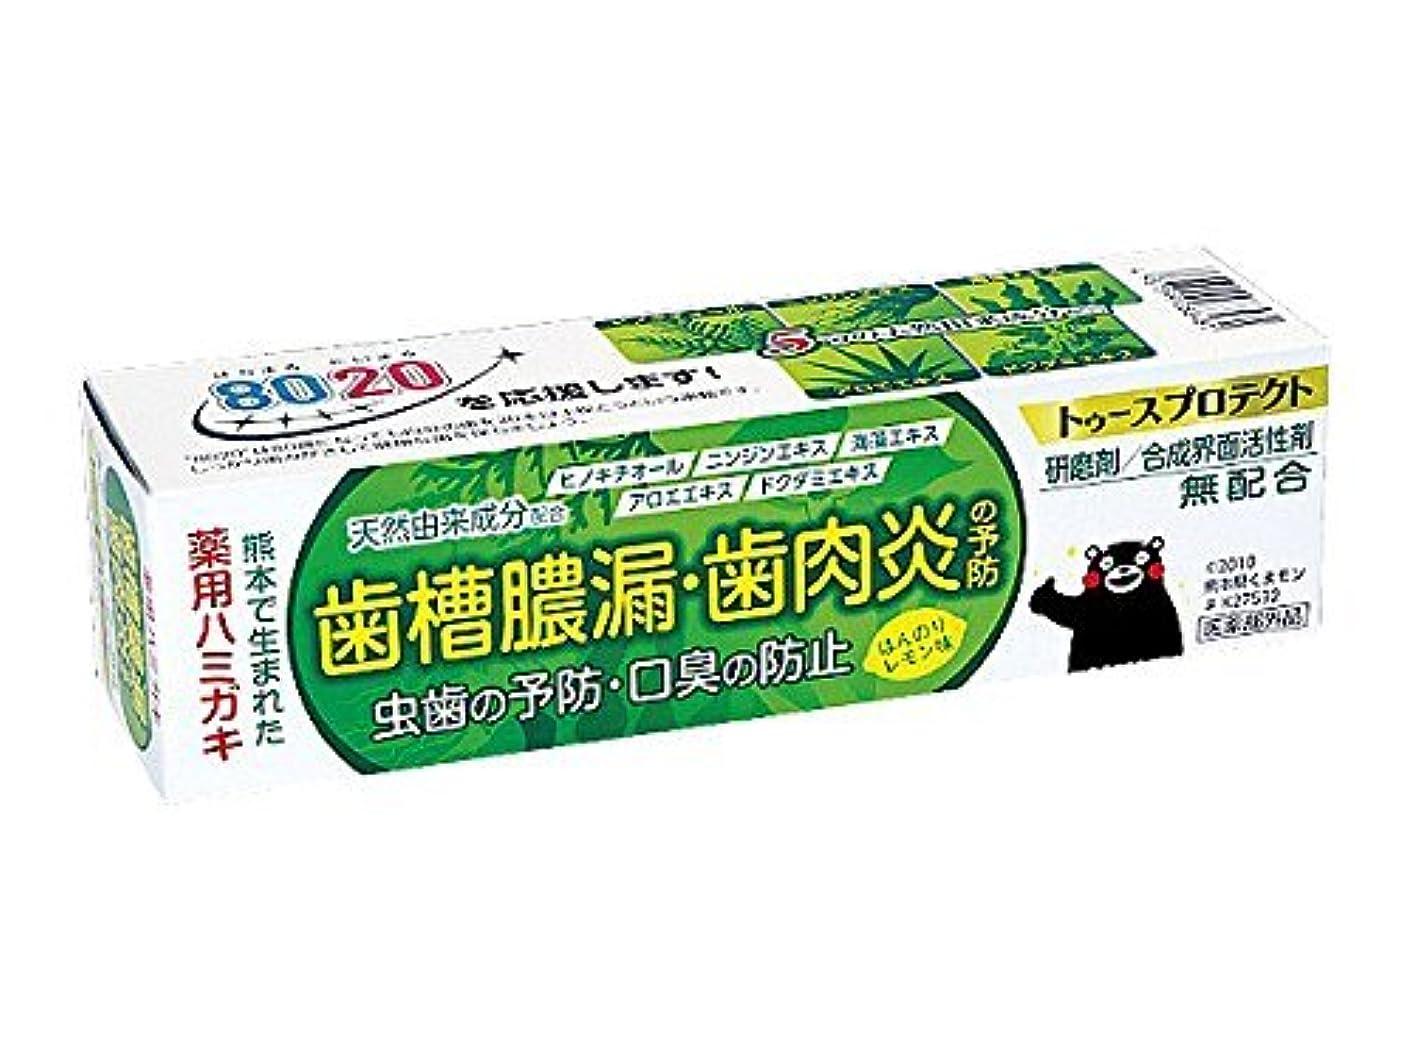 デコードする呼び出すあごひげ【5個セット】 薬用ハミガキ トゥースプロテクト ほんのりレモン味 100g×5個セット